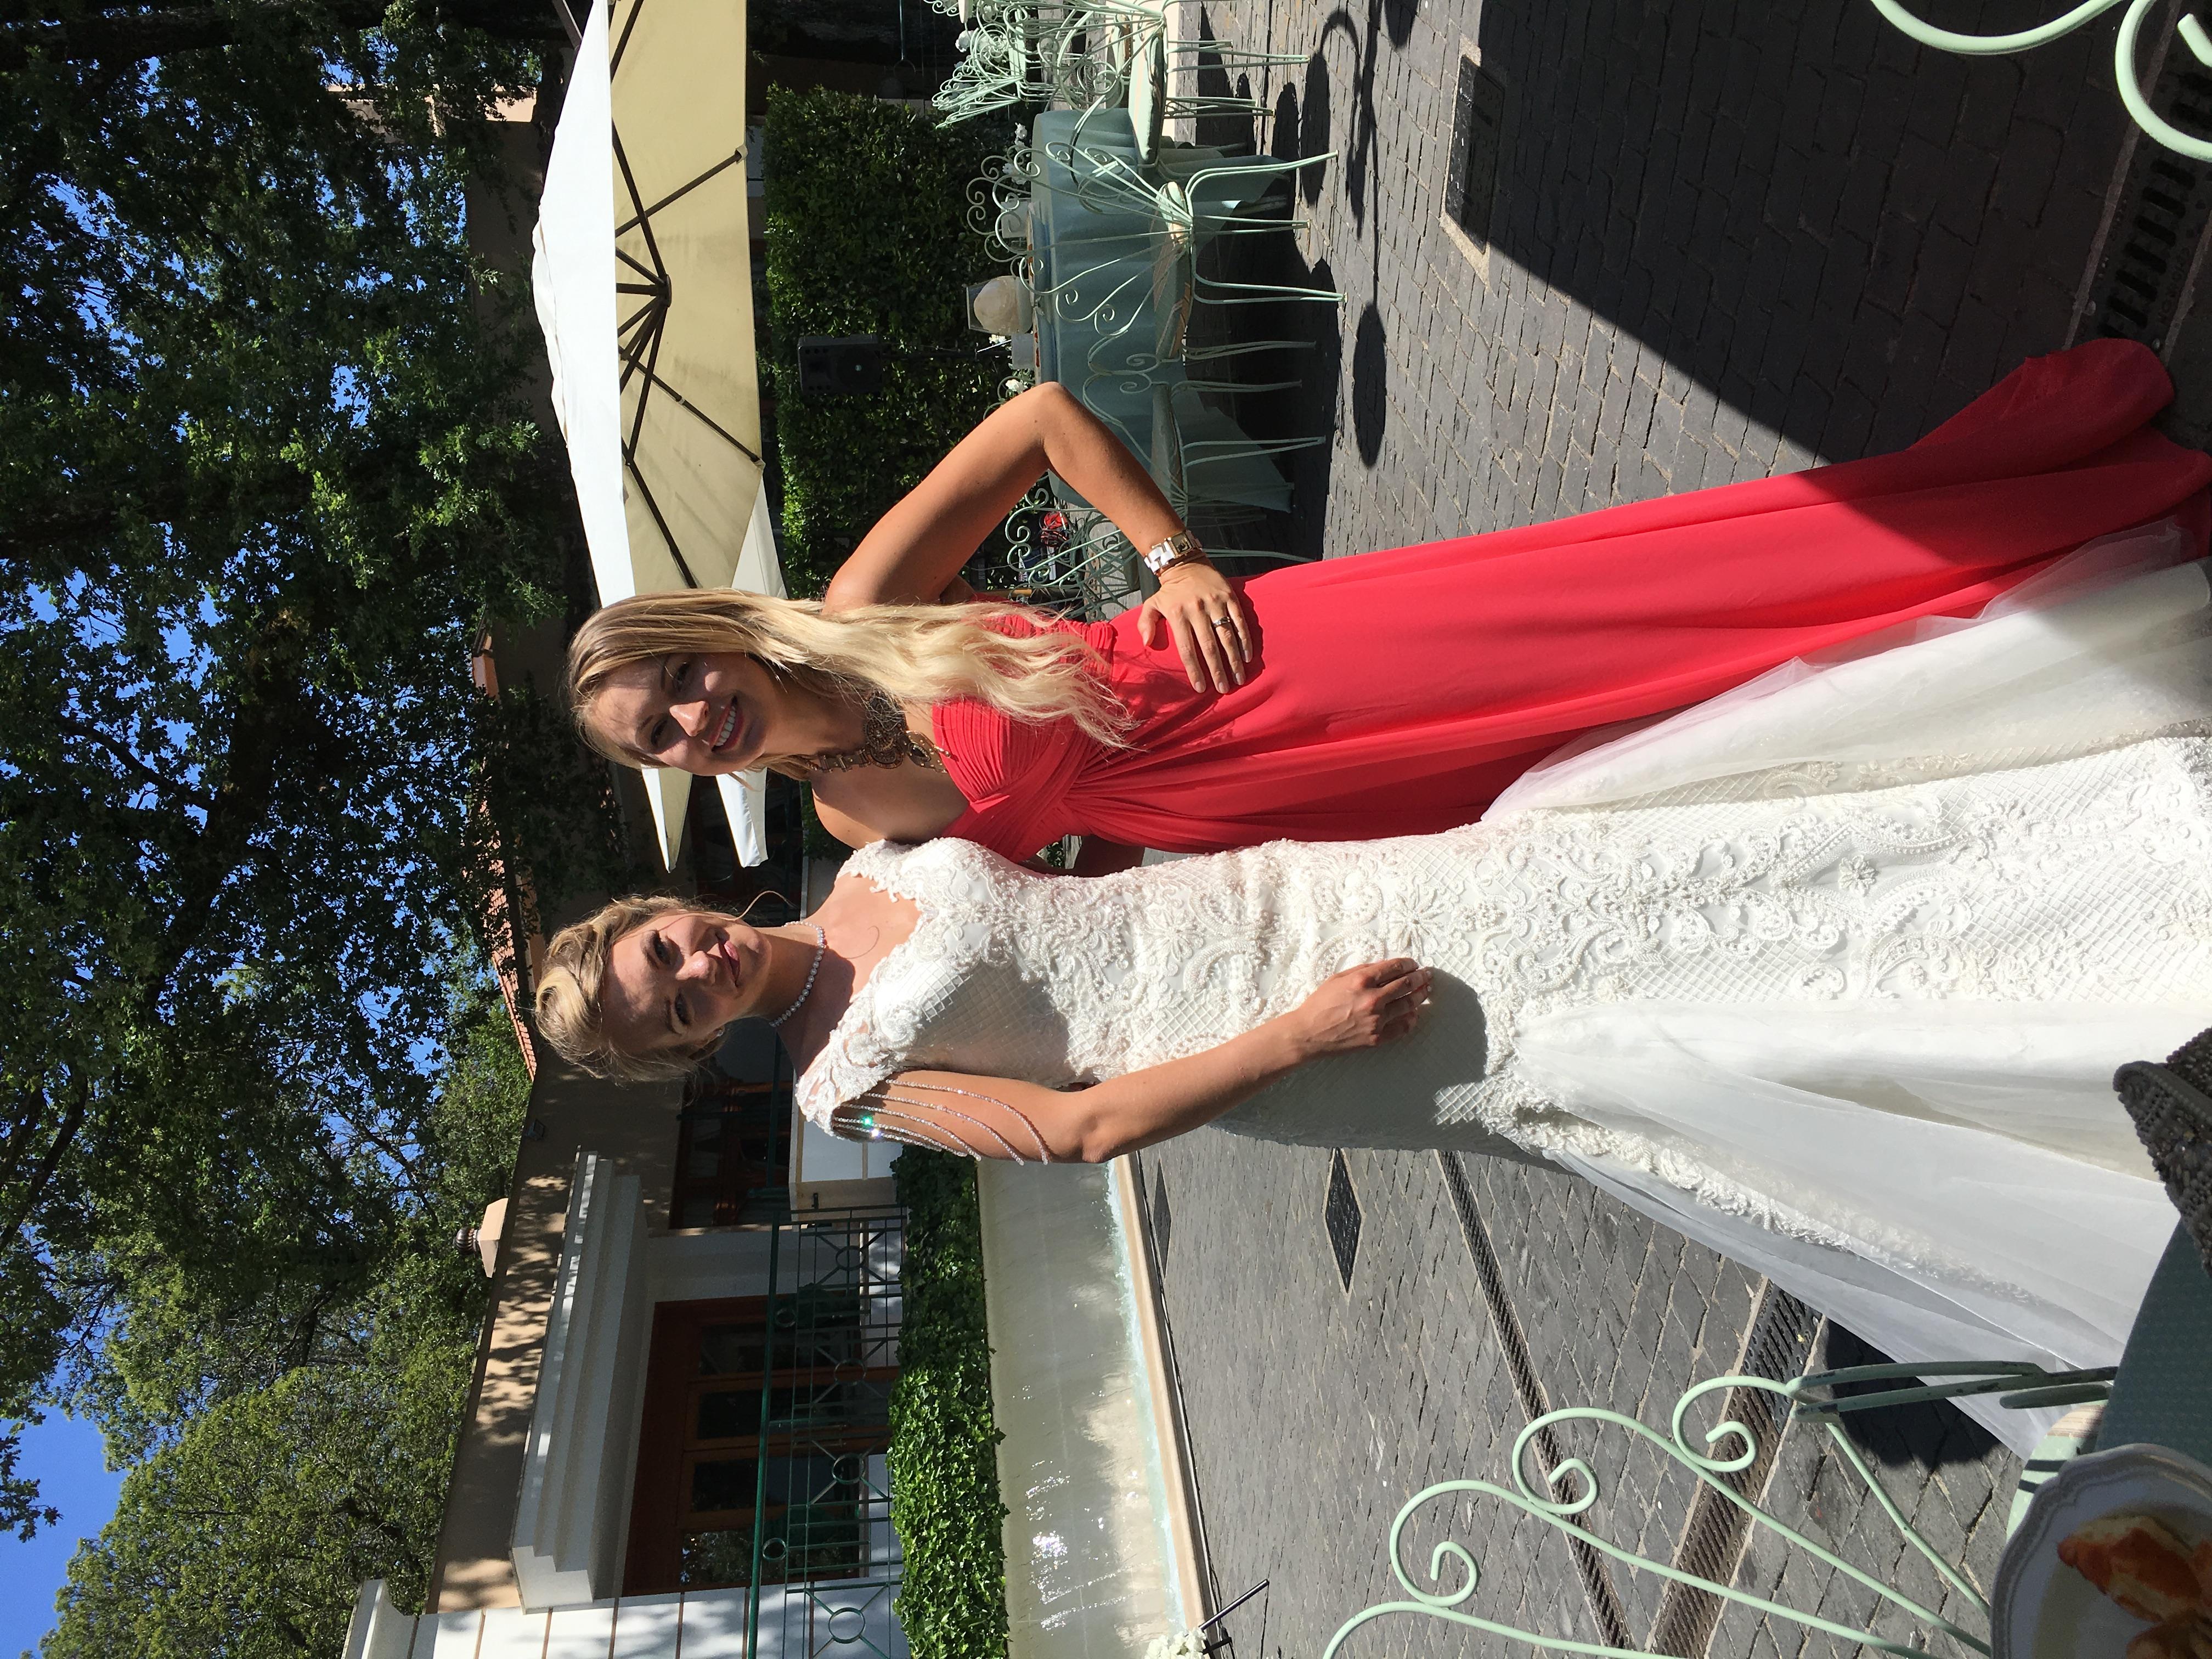 Фото 2 свадьба в Италии на вилле | Кристина и Кристиан | ведущая на итальянском языке - Катрин Моро